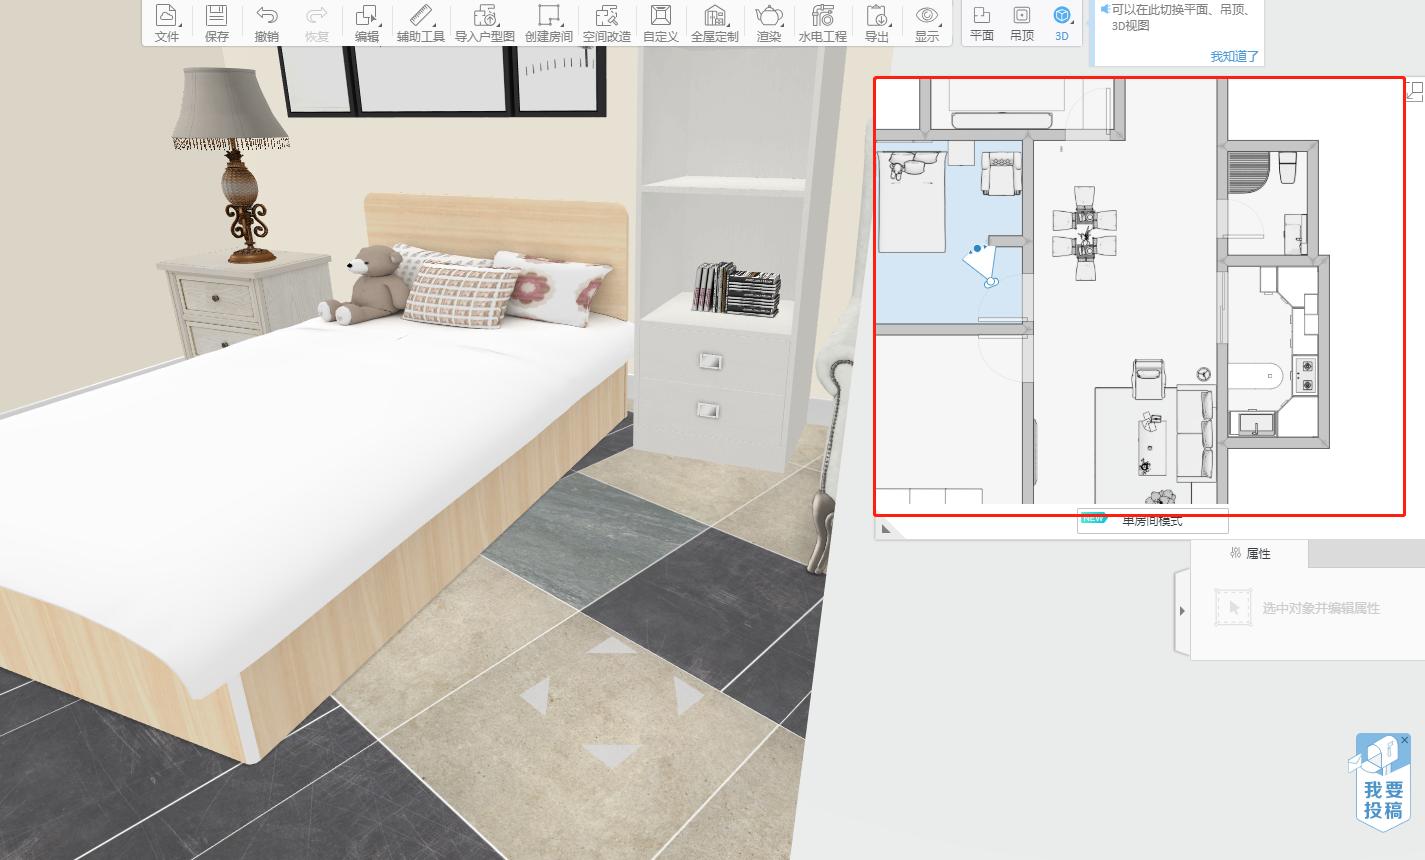 图文课程 新功能发布  优化后的铺砖定制有点好用~~